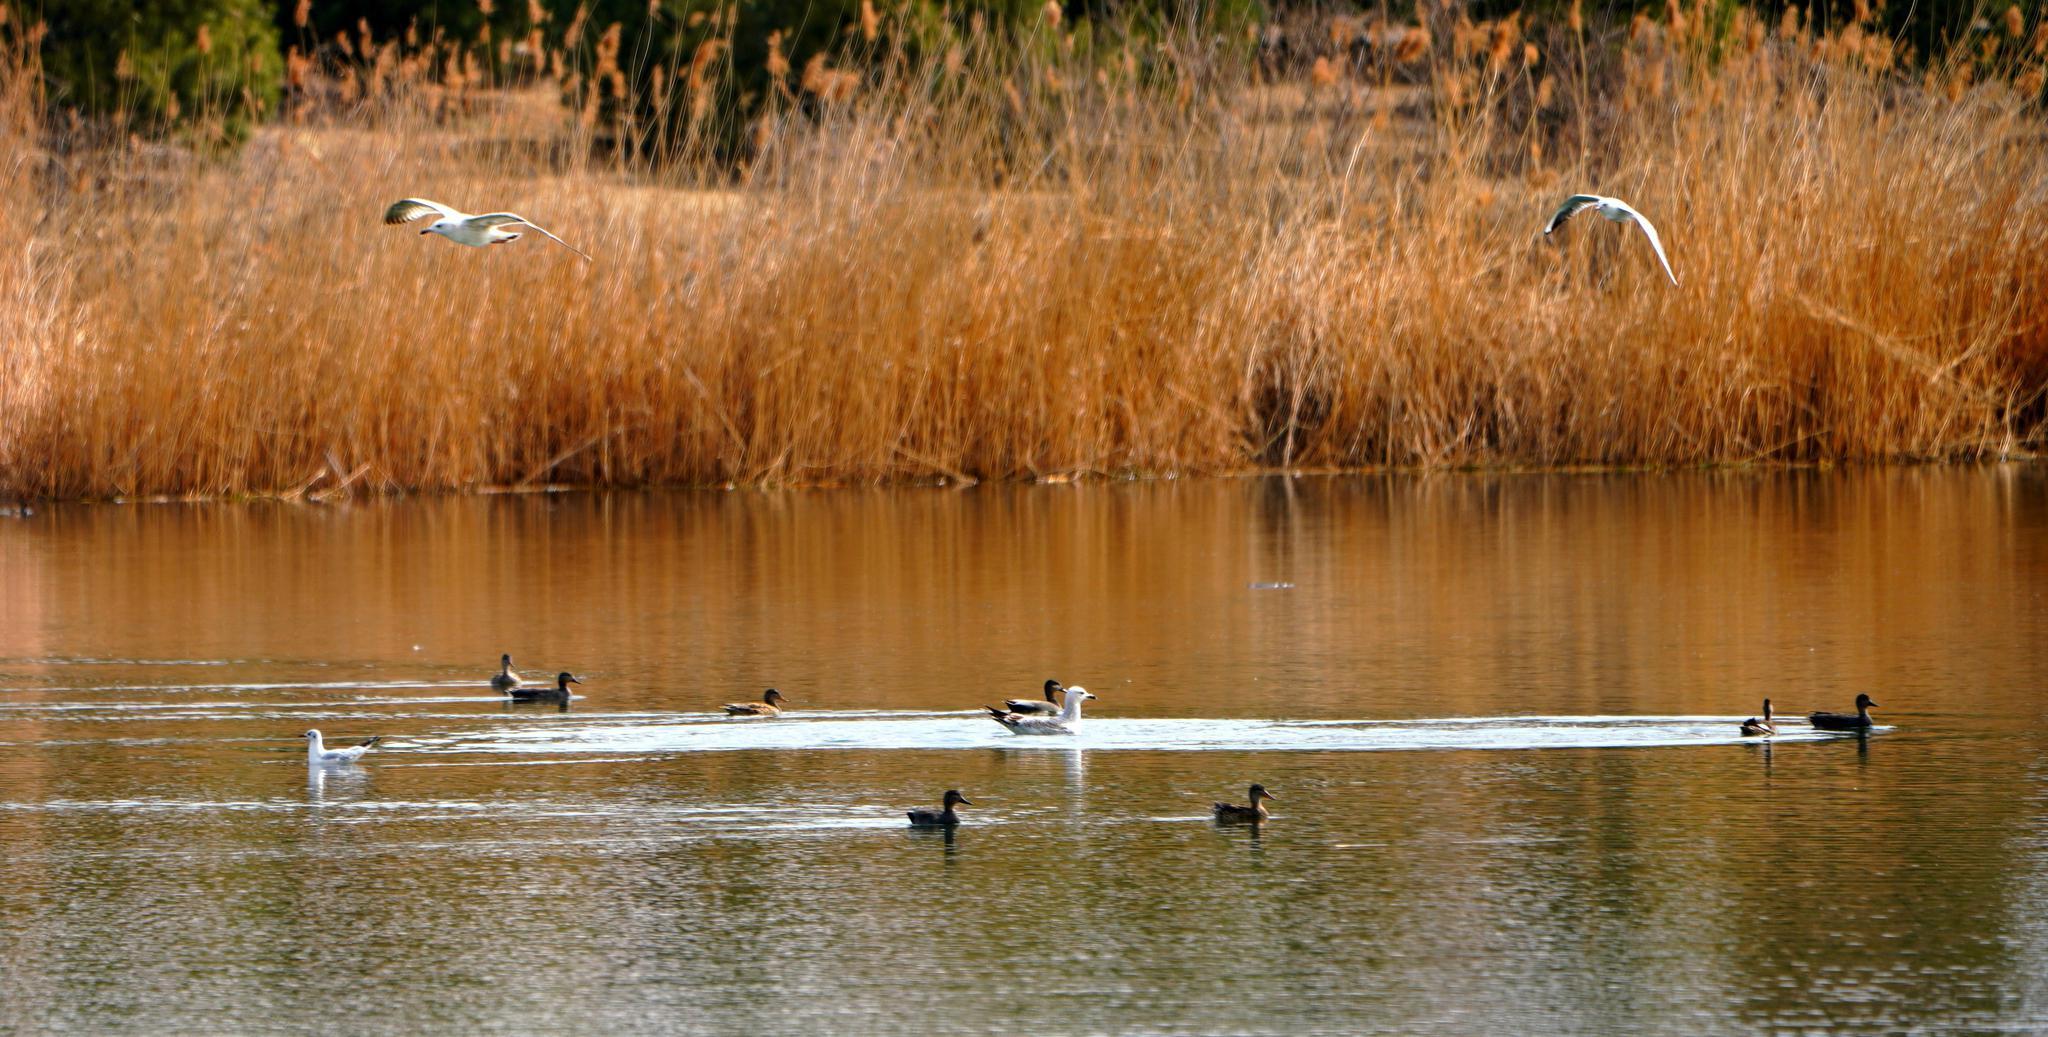 银鸥盘旋俯冲捕鱼,乐坏了房山小清河边摄影爱好者